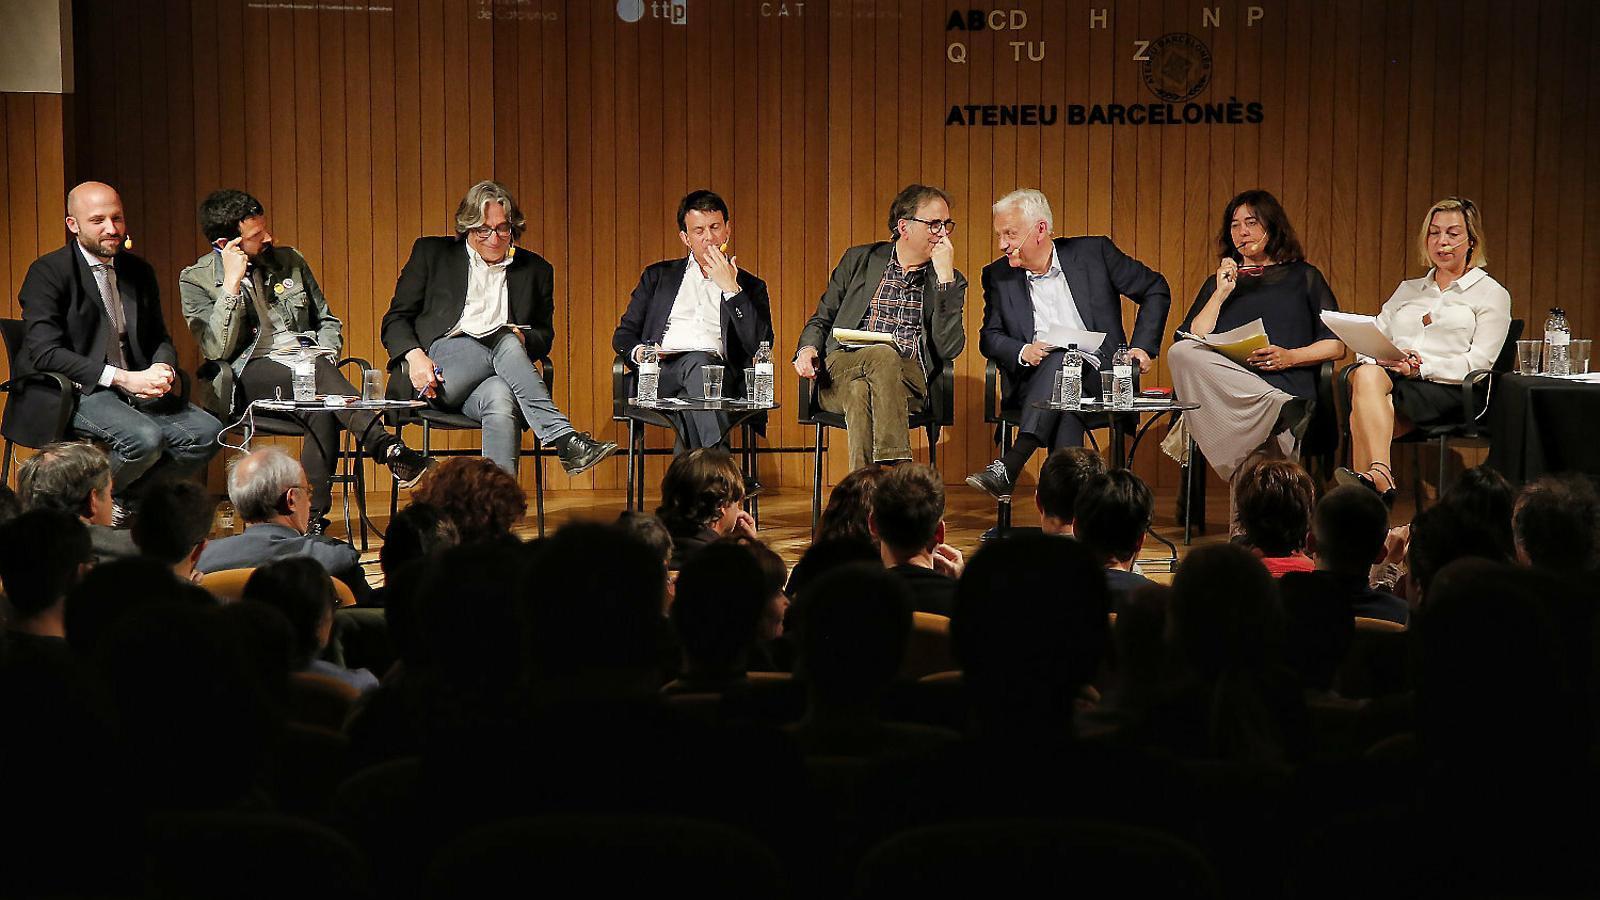 L'Ateneu Barcelonès va acollir ahir l'únic debat sobre cultura de la campanya, amb presència de vuit candidats.